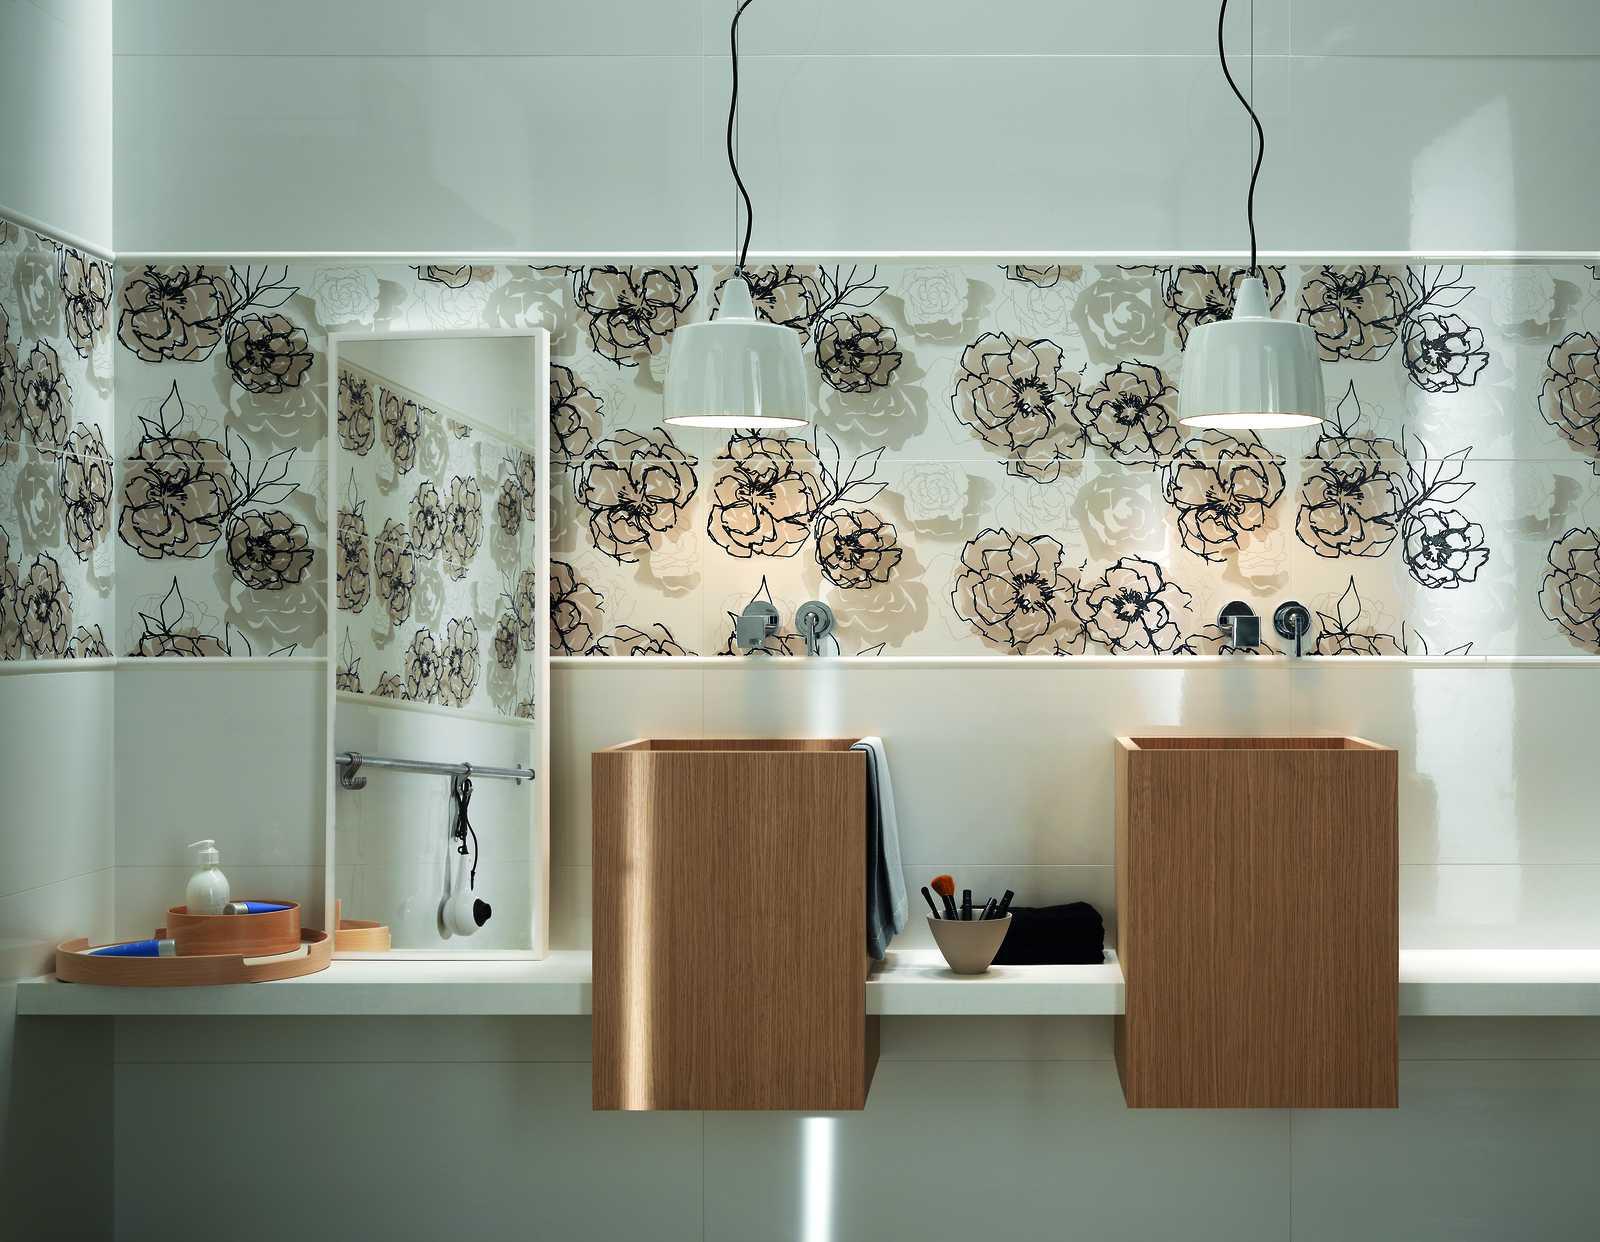 Colorup piastrelle rivestimento pareti marazzi - Rivestimenti bagno marazzi ...